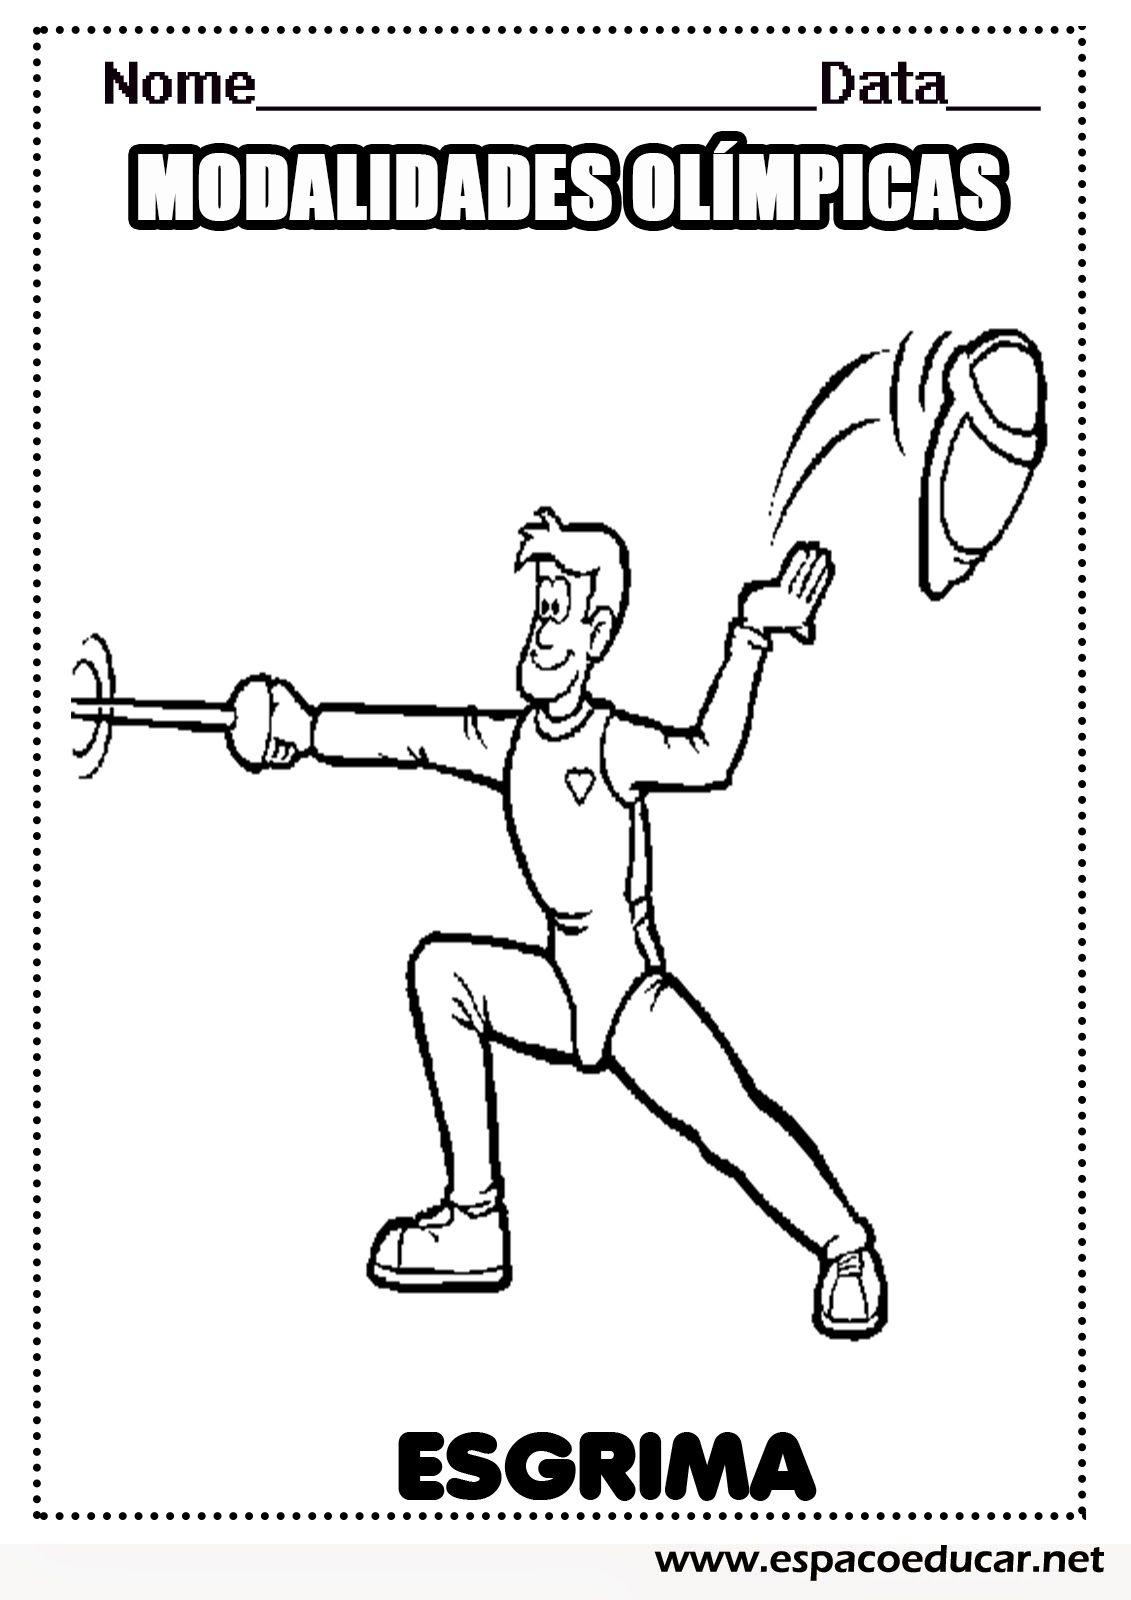 Esgrima Desenhos Das Modalidades Esportivas Das Olimpiadas Para